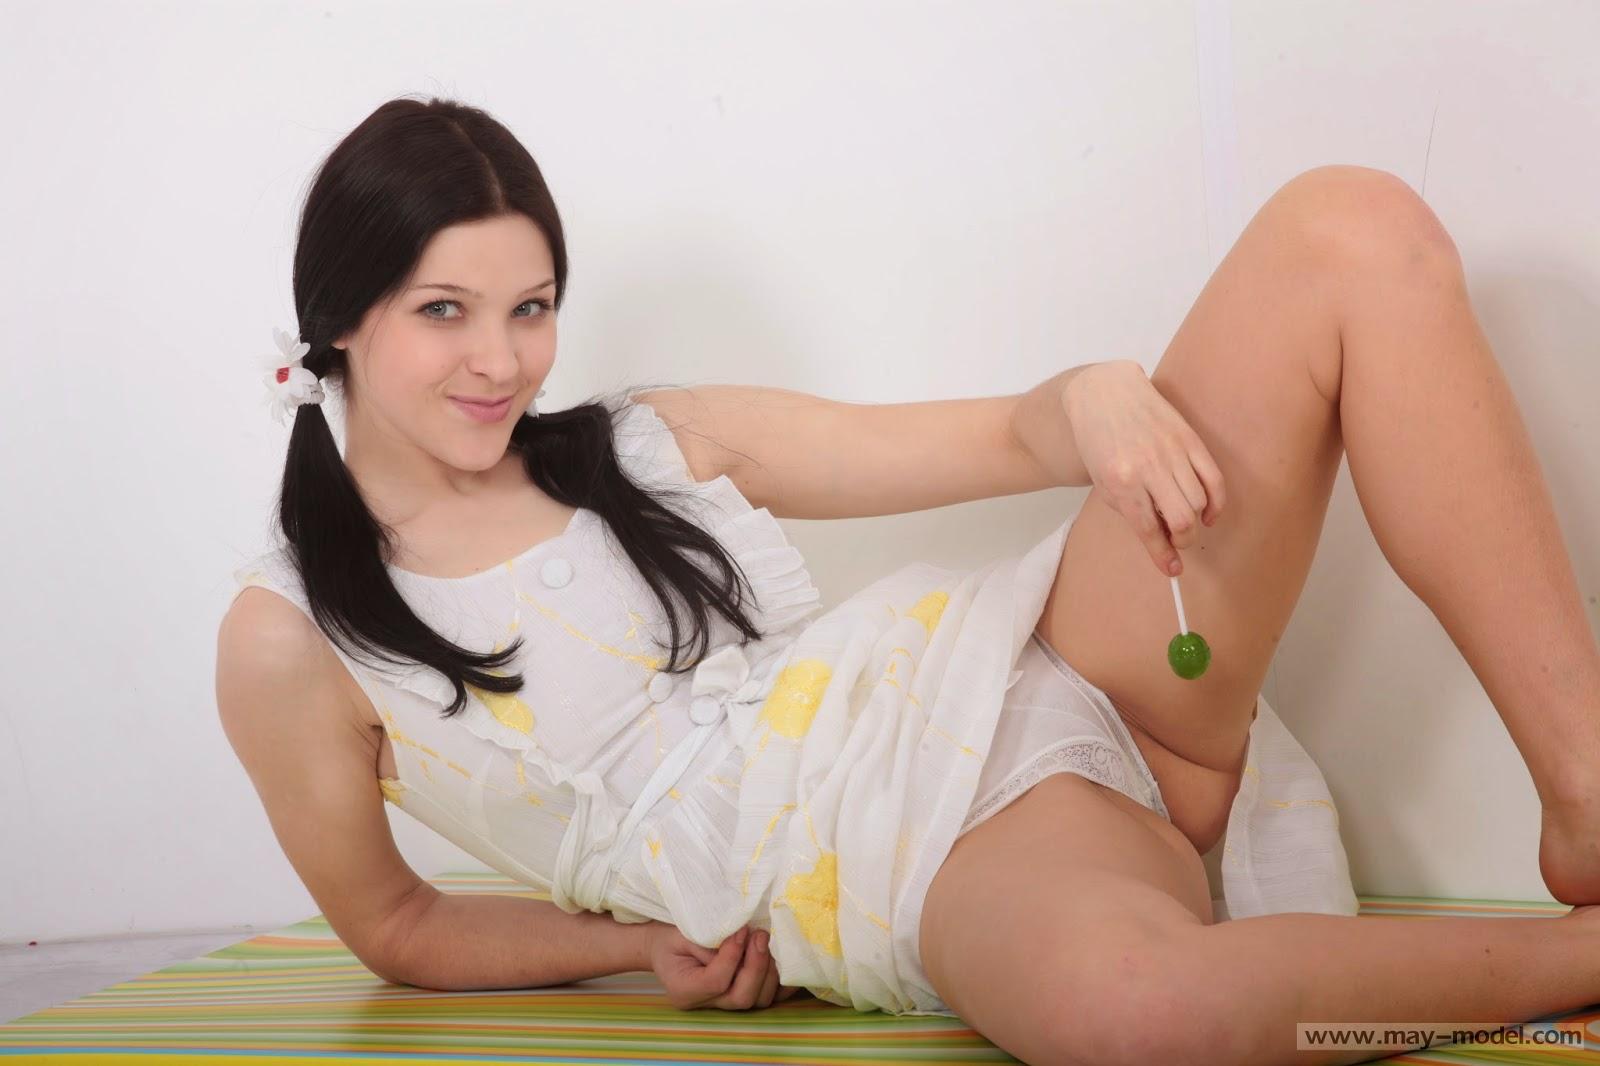 nude women fotos porn tube